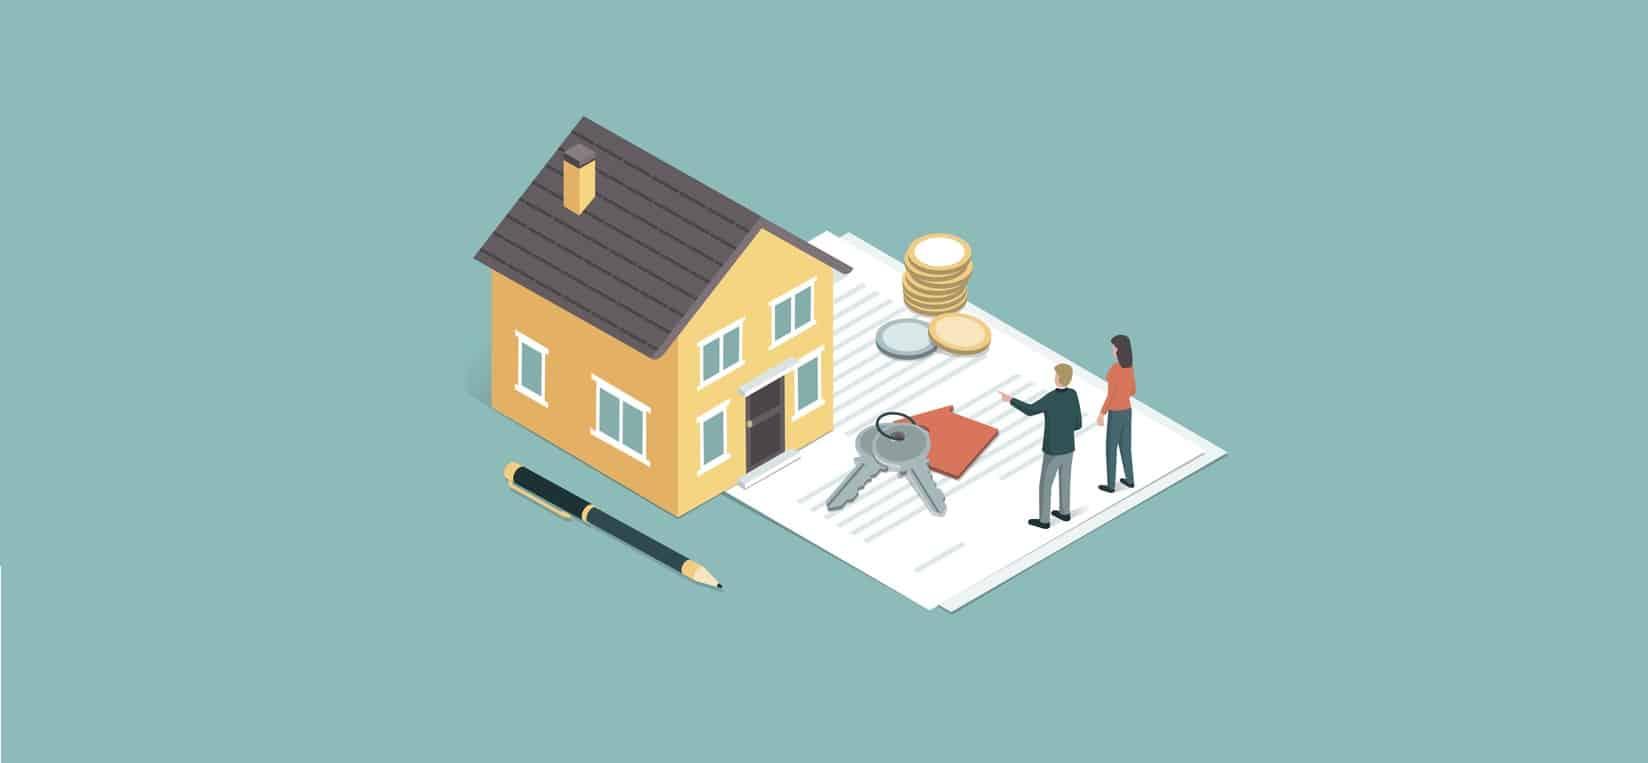 Comparateur assurance : comment fonctionnent les comparateurs d'assurances en ligne ?